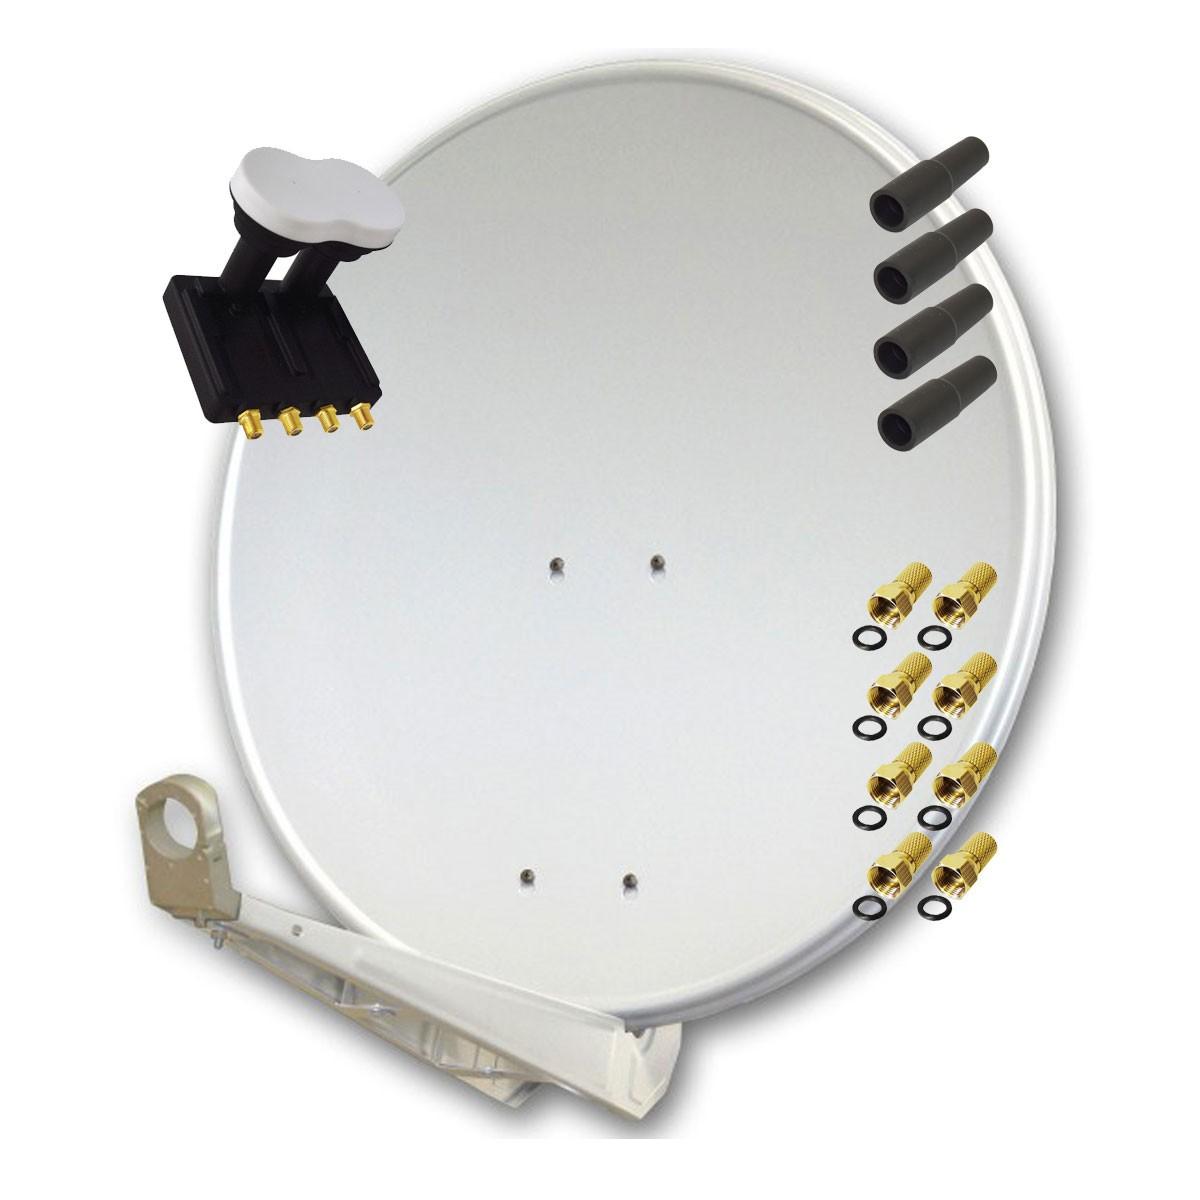 Antenne Premiumx Deluxe85 Aluminium 85cm Digital Sat Schussel